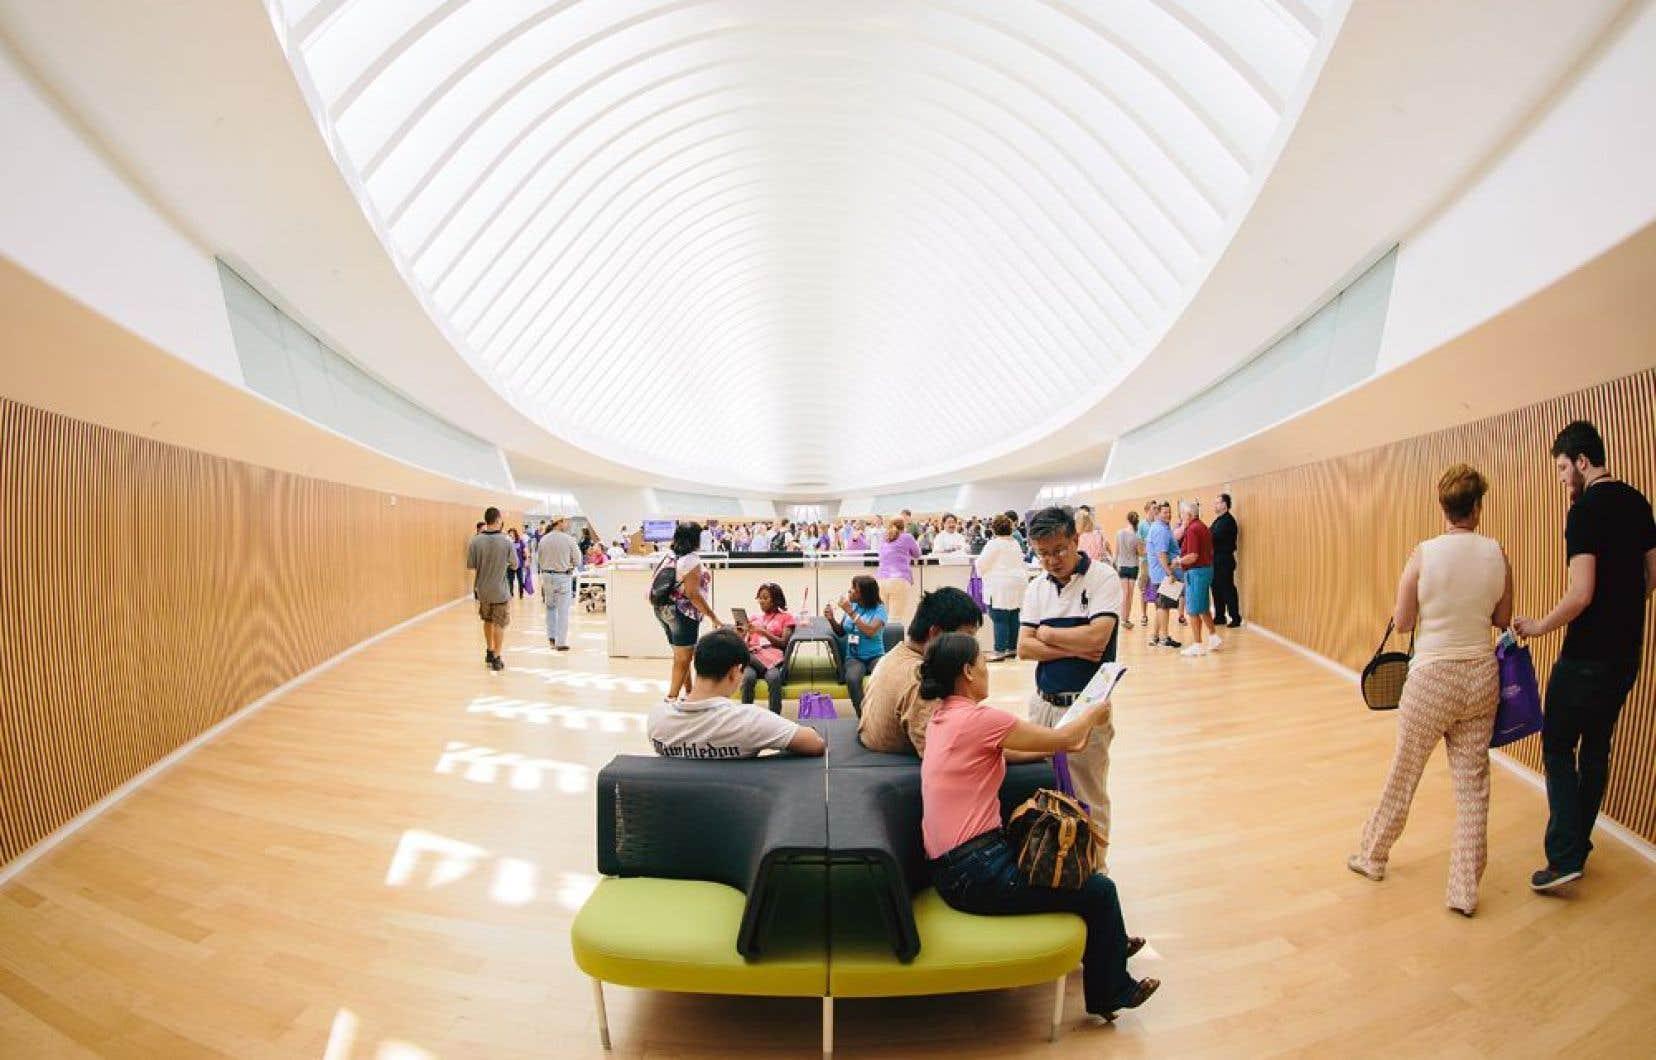 Sise dans un édifice conçu par l'architecte Santiago Calatrava, la nouvelle bibliothèque de la Florida Polytechnic University se veut un endroit favorisant l'interaction et l'échange entre les usagers qui y consultent des documents numériques et non pas des livres papier.